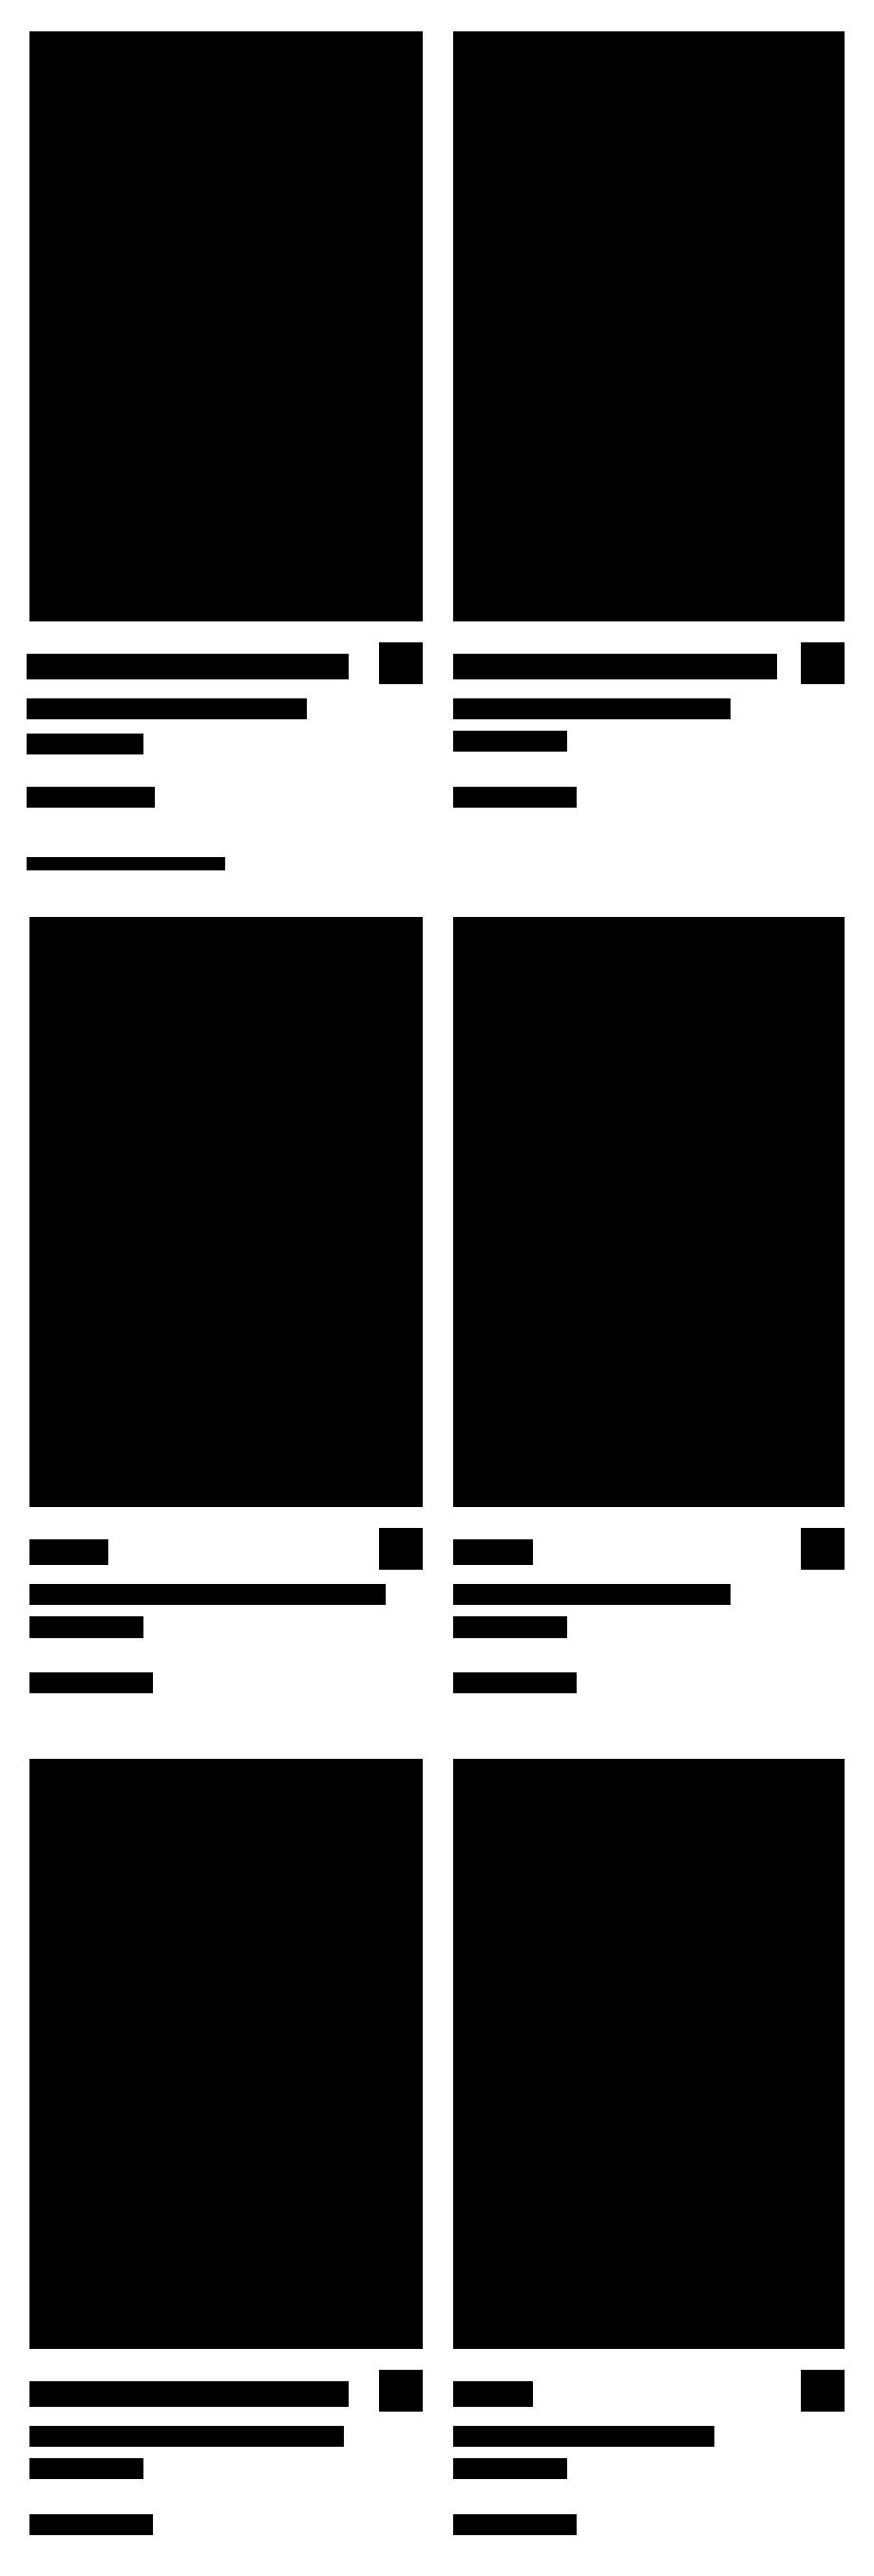 Forever 21 logo symbol